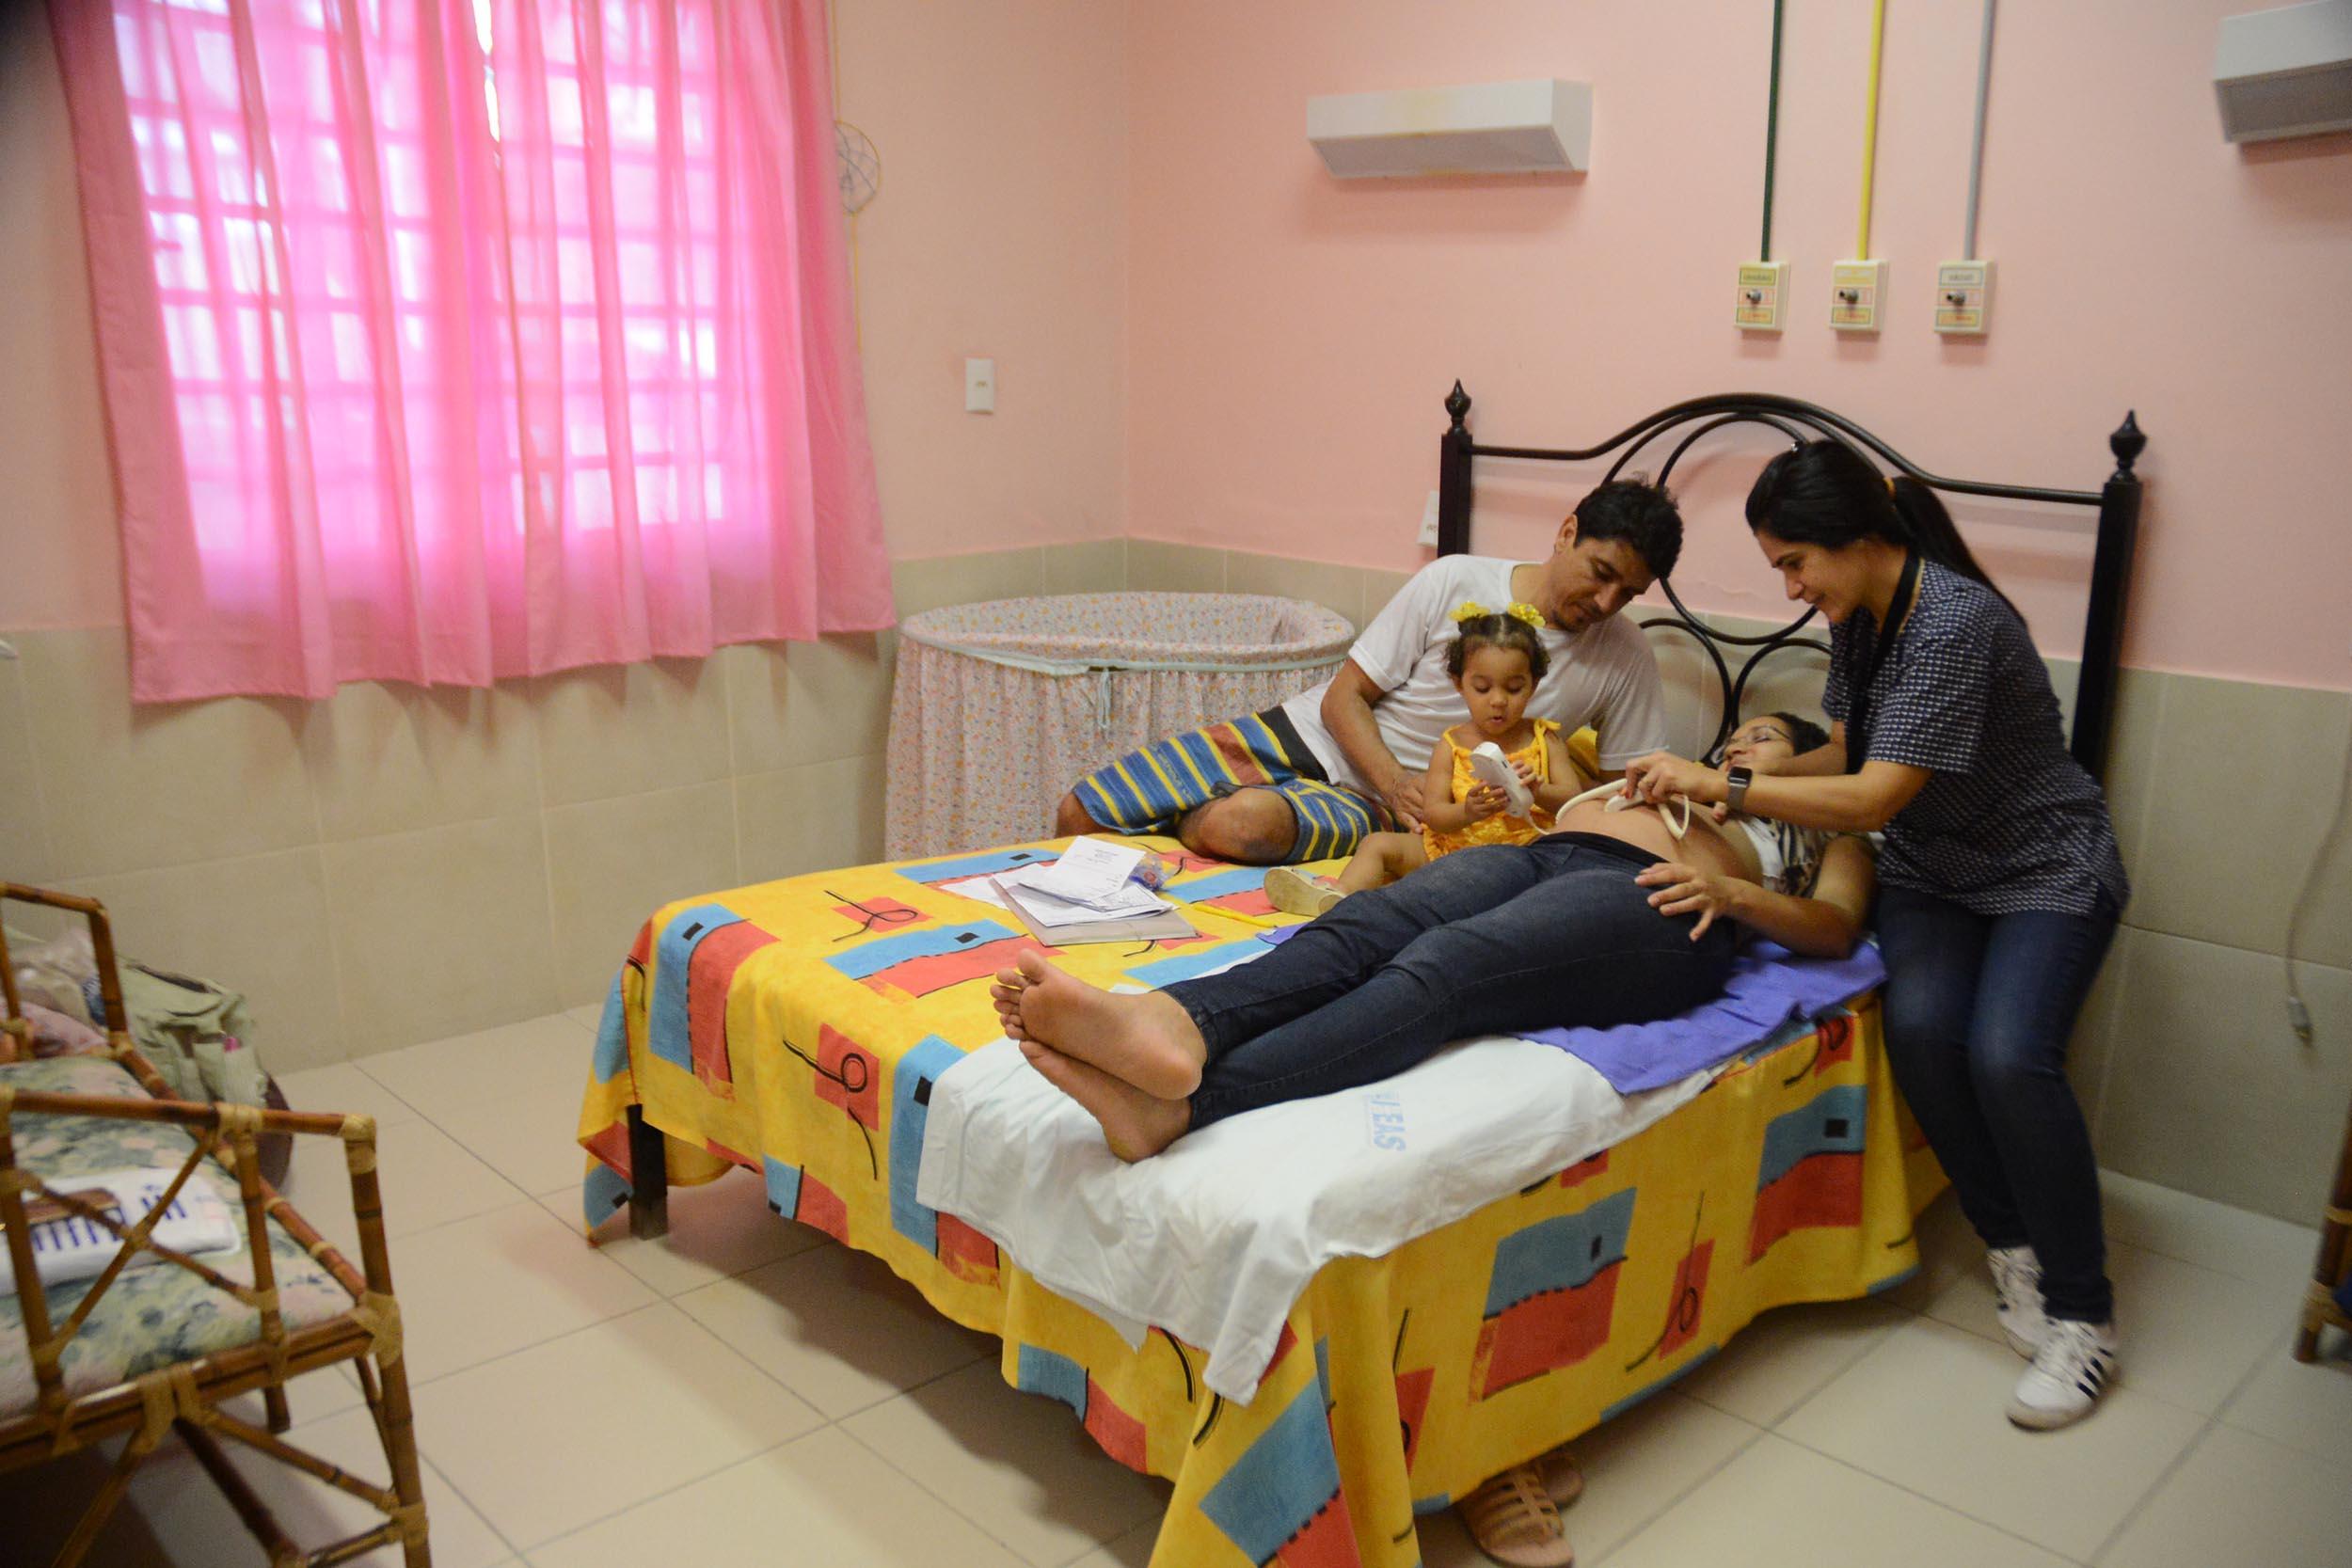 Com um ambiente acolhedor e familiar, Casa de Parto já realizou mais de 65 nascimentos esse ano